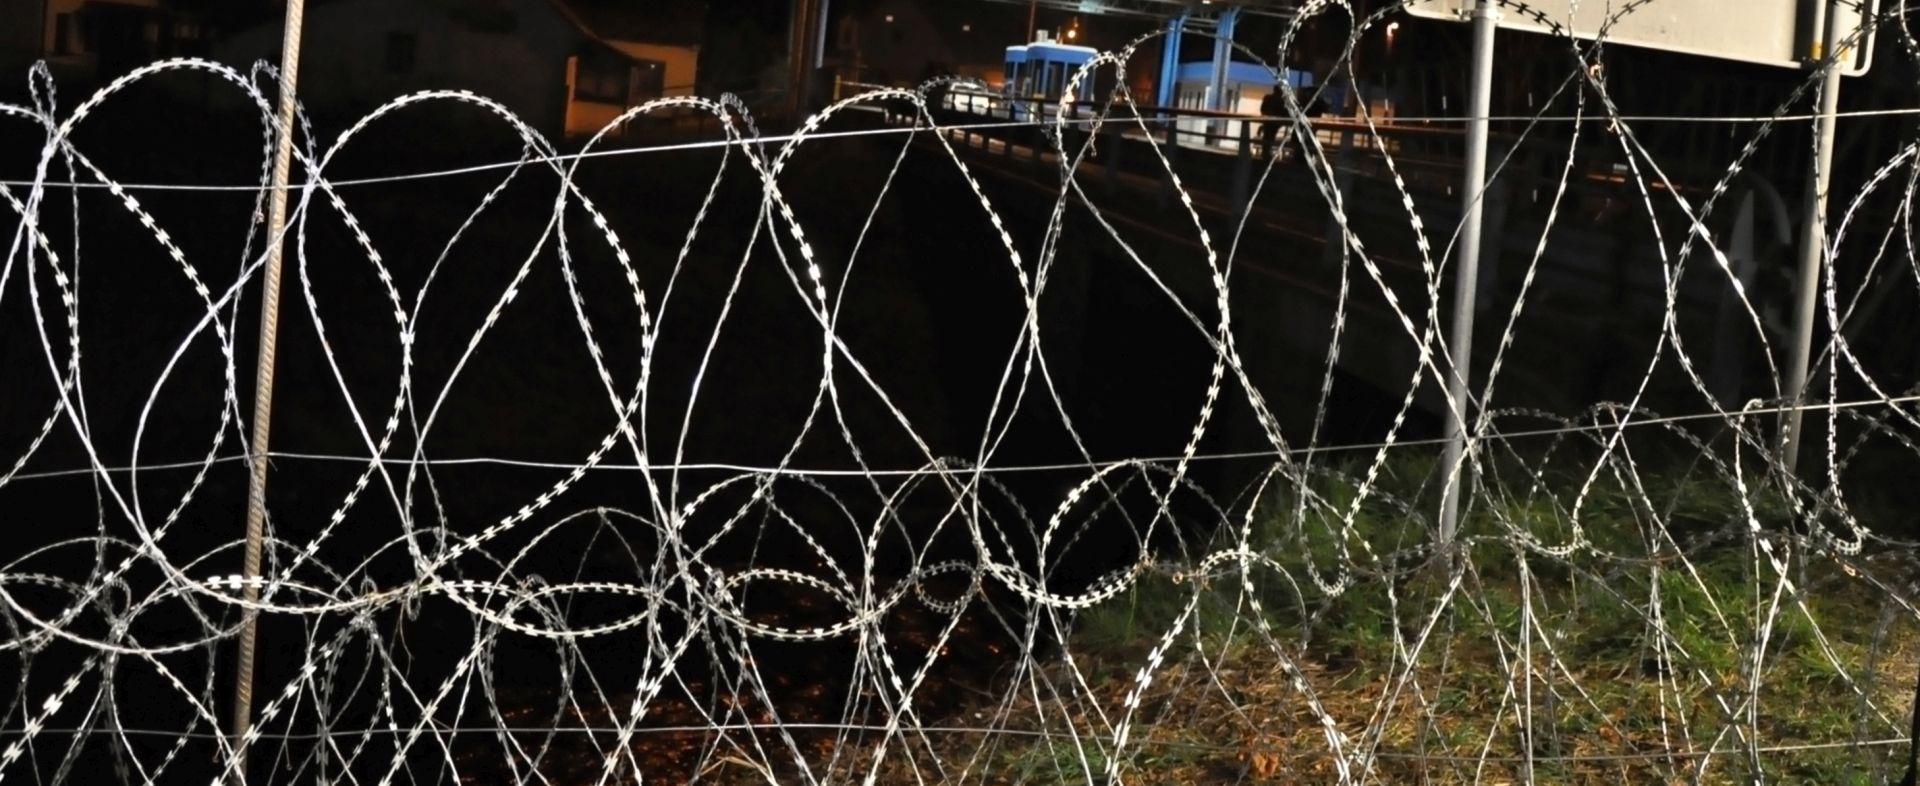 Cerar najavio zaoštravanje granične kontrole prema Hrvatskoj u slučaju migrantskog vala